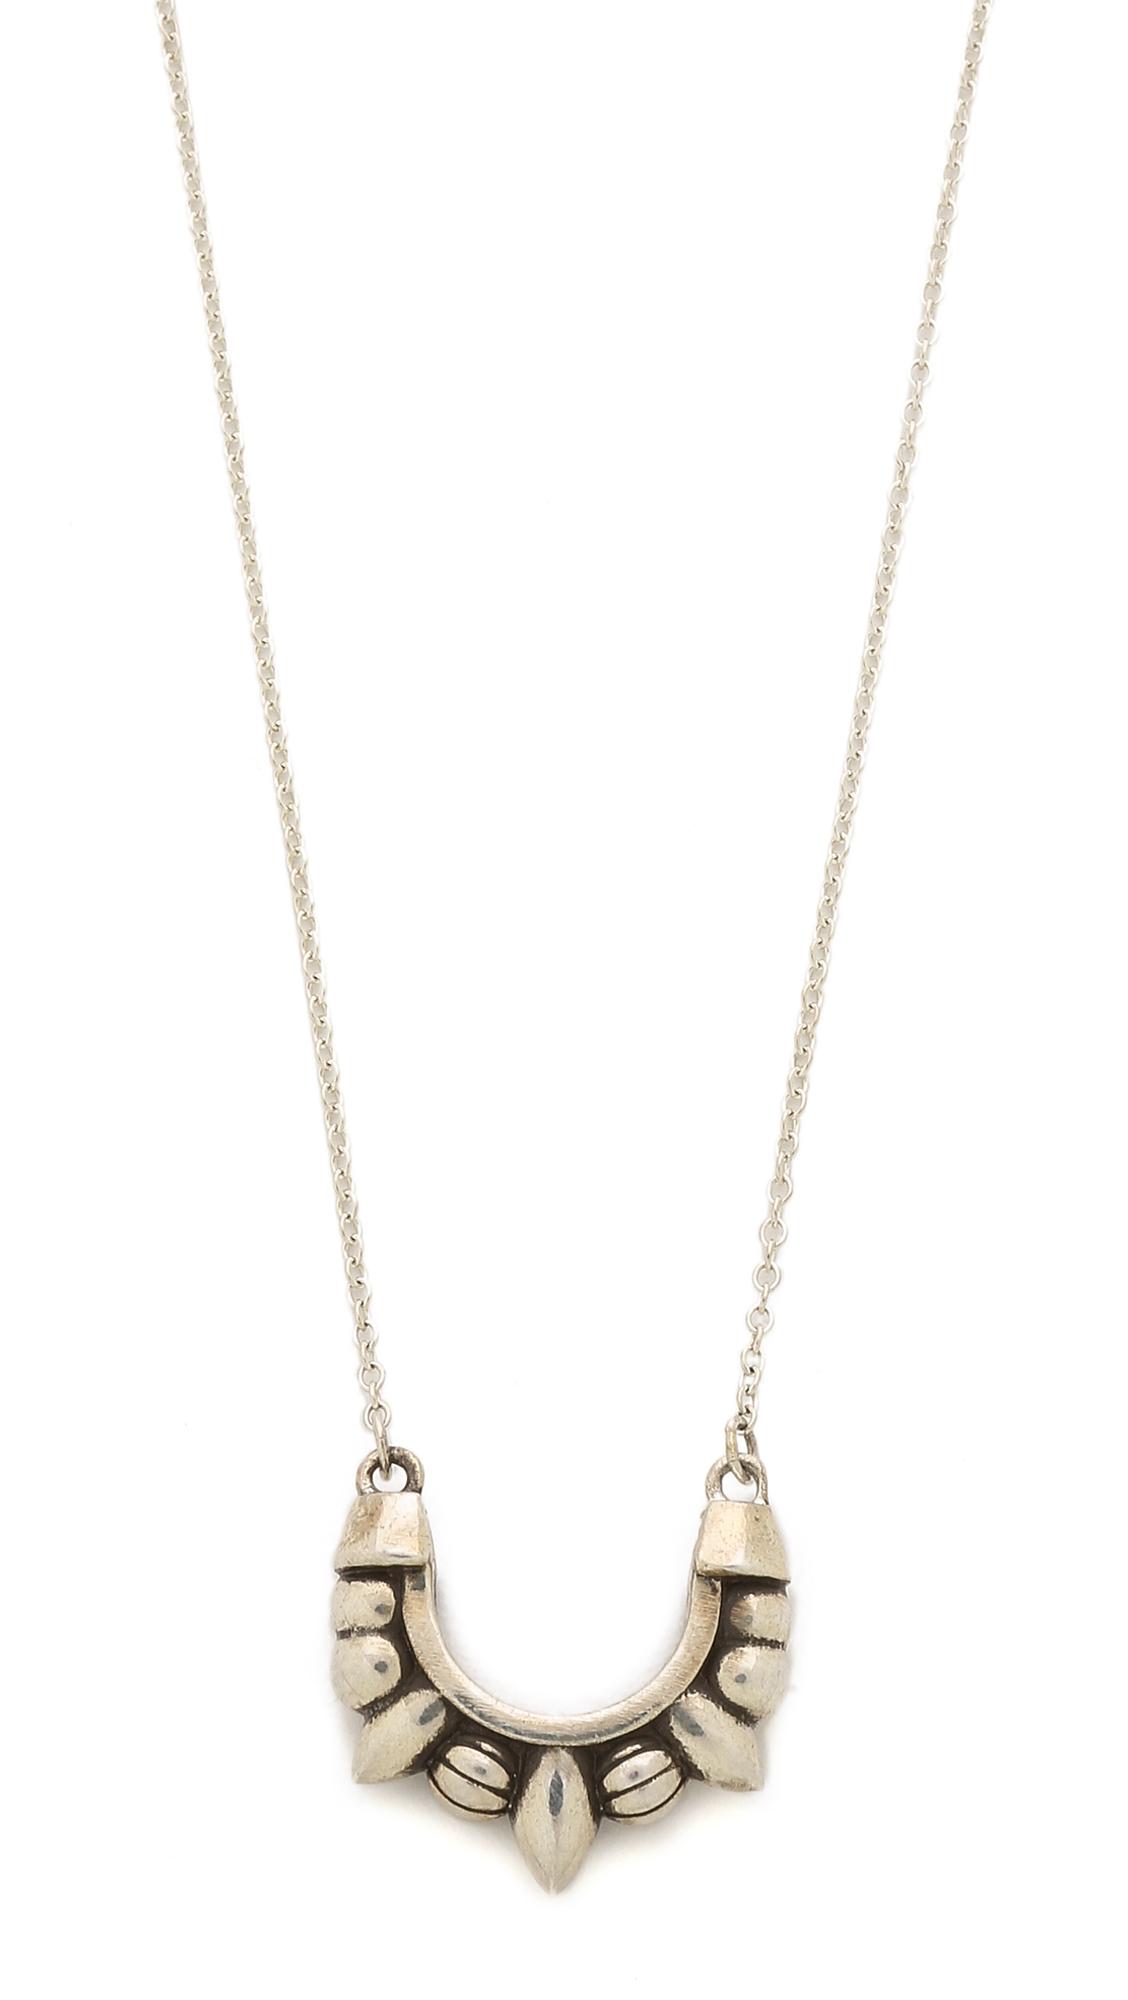 Womens Large Pendulum Pendant Necklace Pamela Love V09tGRnWI